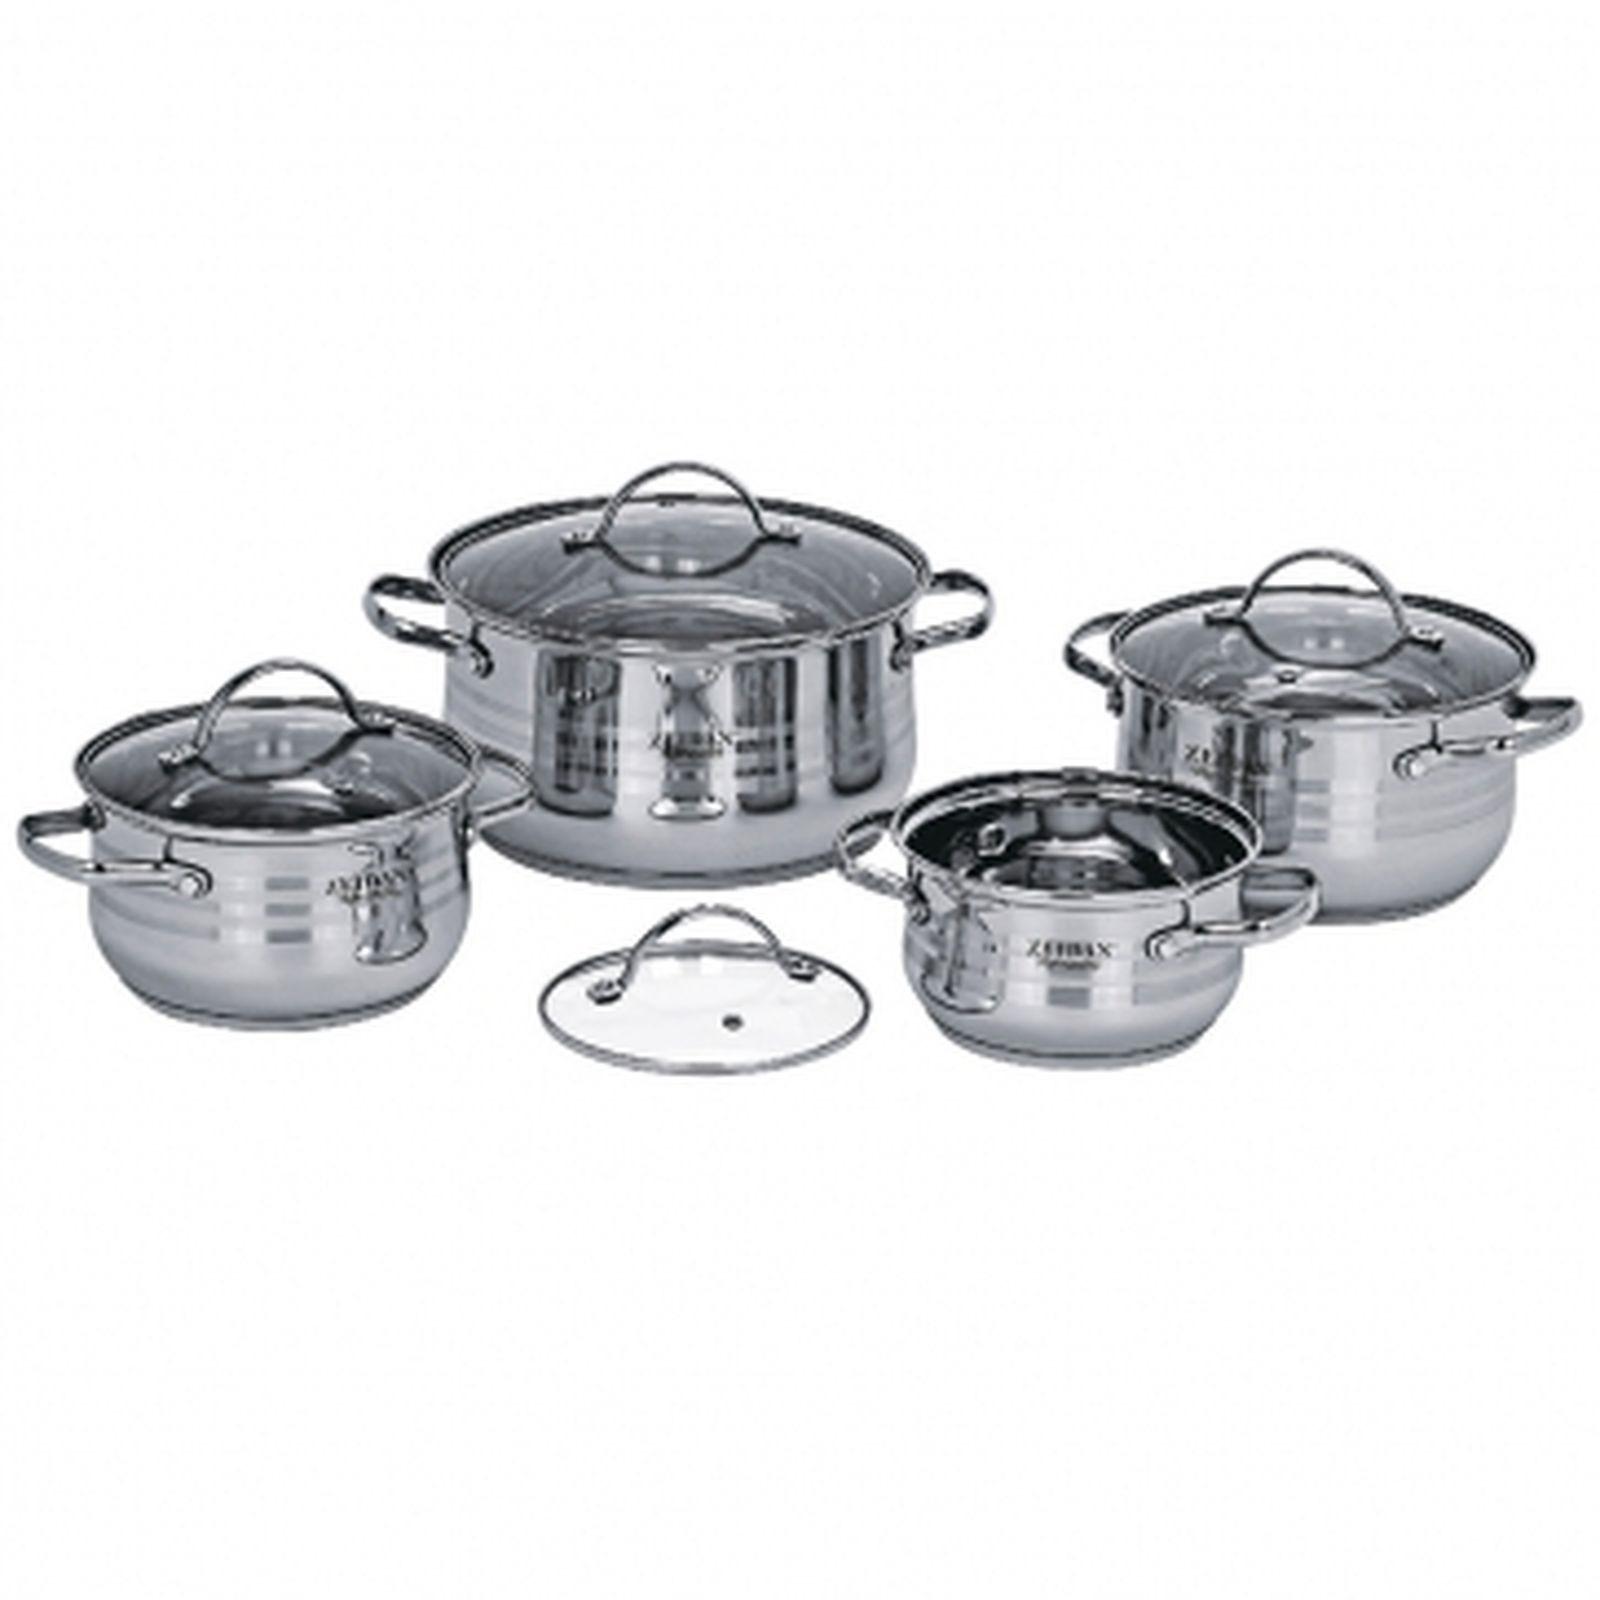 Набор посуды Zeidan, Z-50807, с крышками, 8 предметов